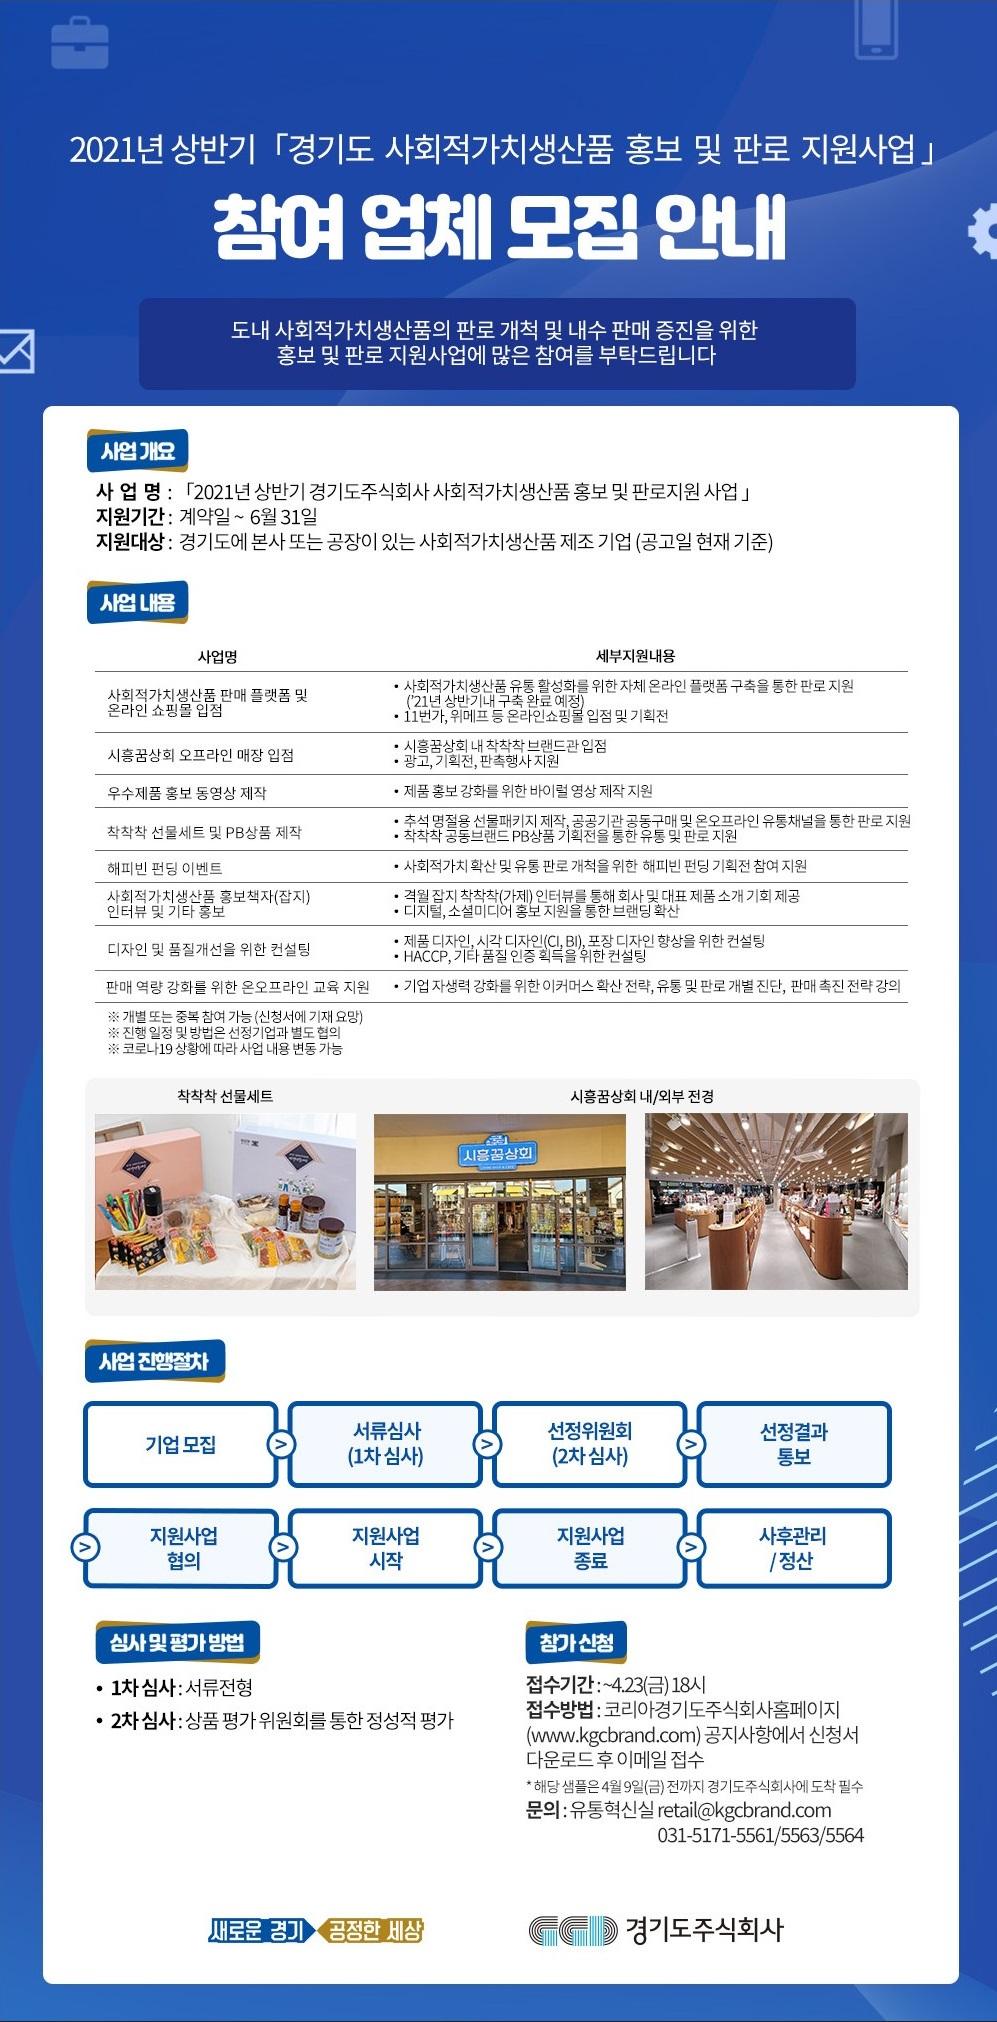 사회적가치생산품홍보및판로지원사업_웹포스터.jpg